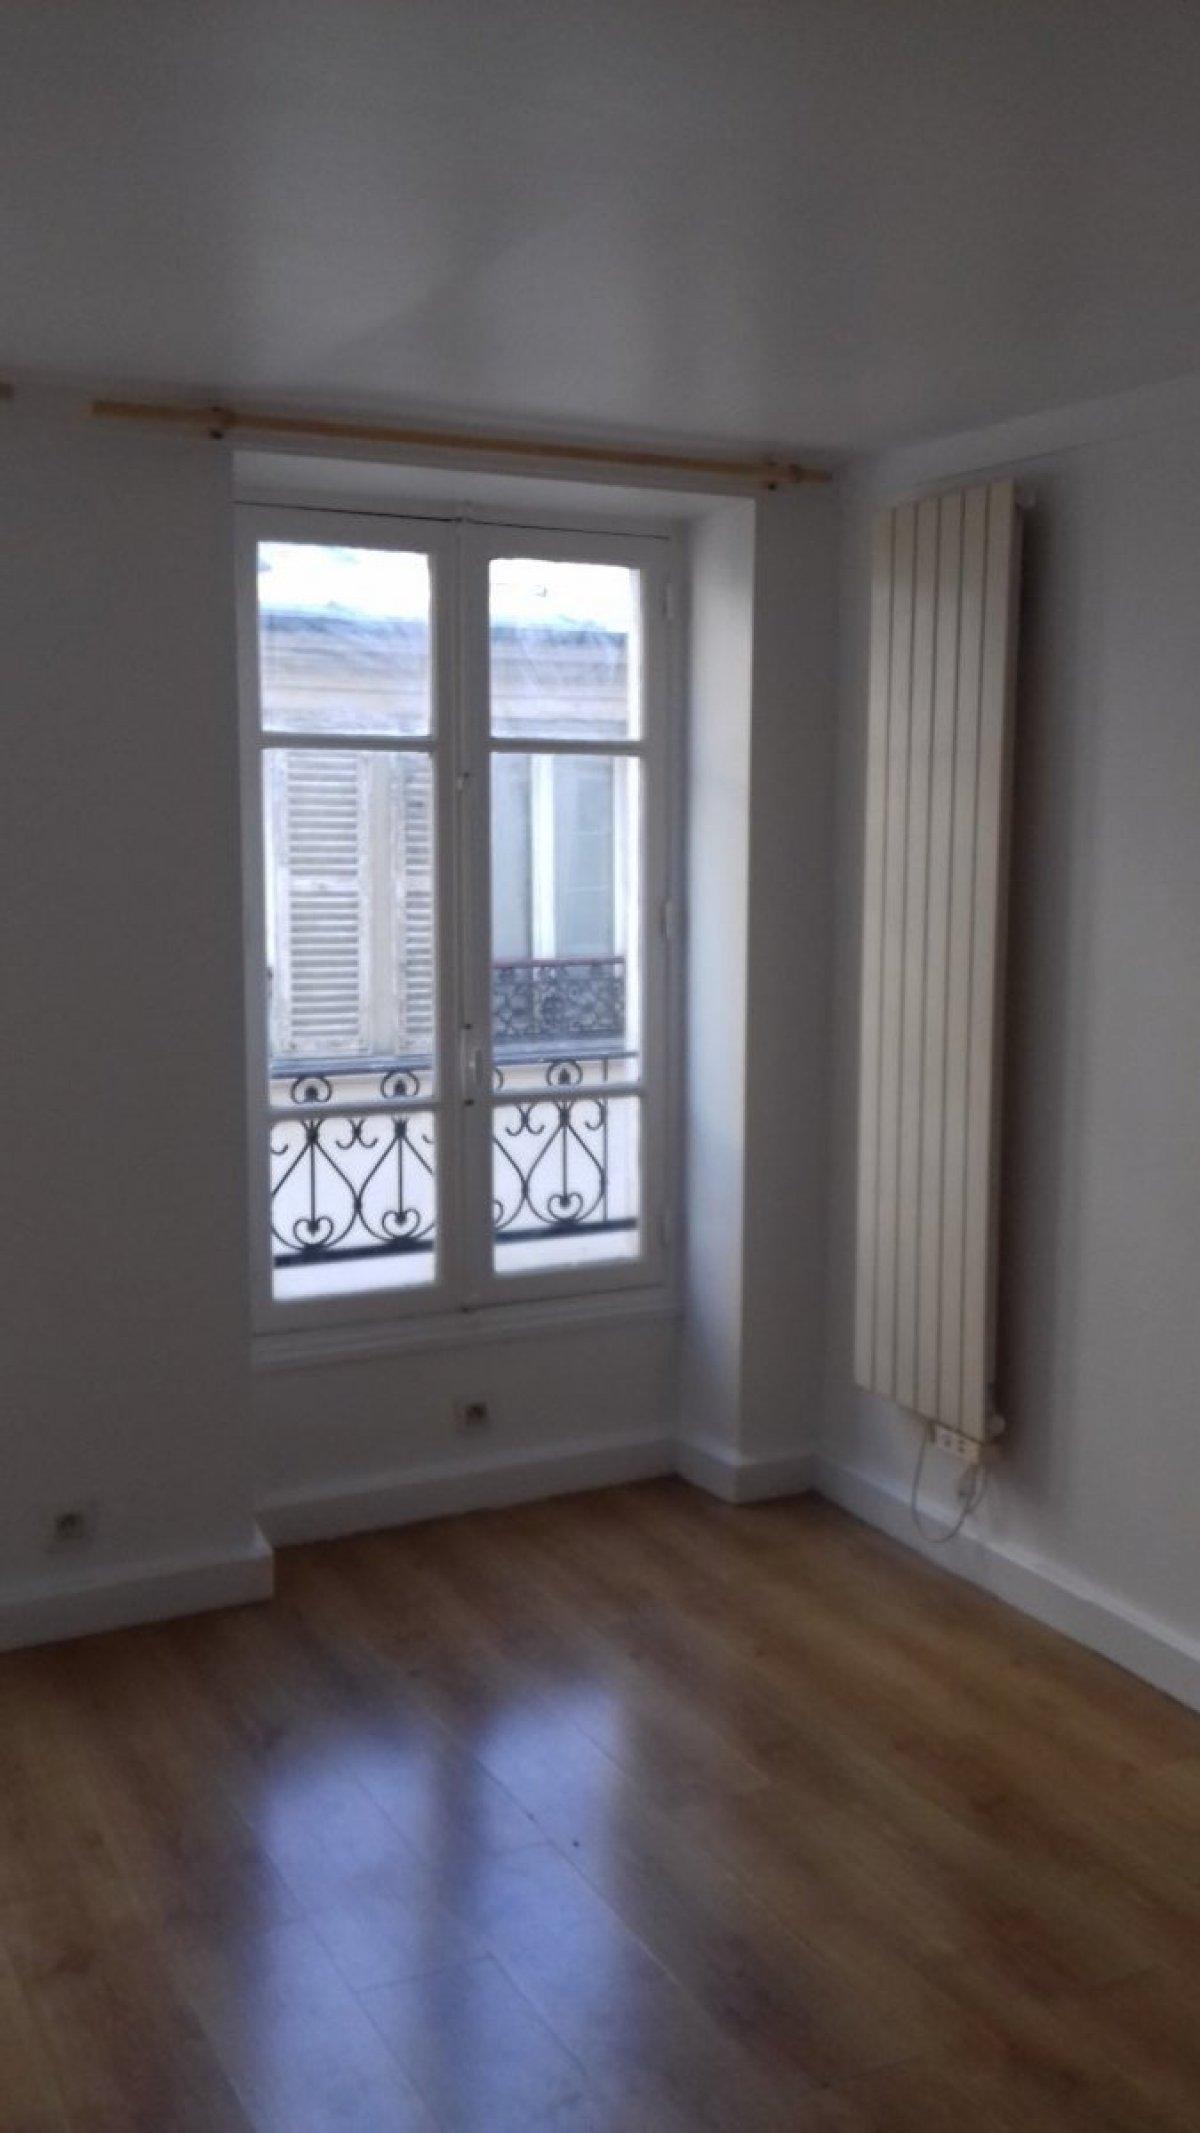 Vente Appartement 1 Pièce Studio F1 T1 à Paris 75018 20m² Transagest